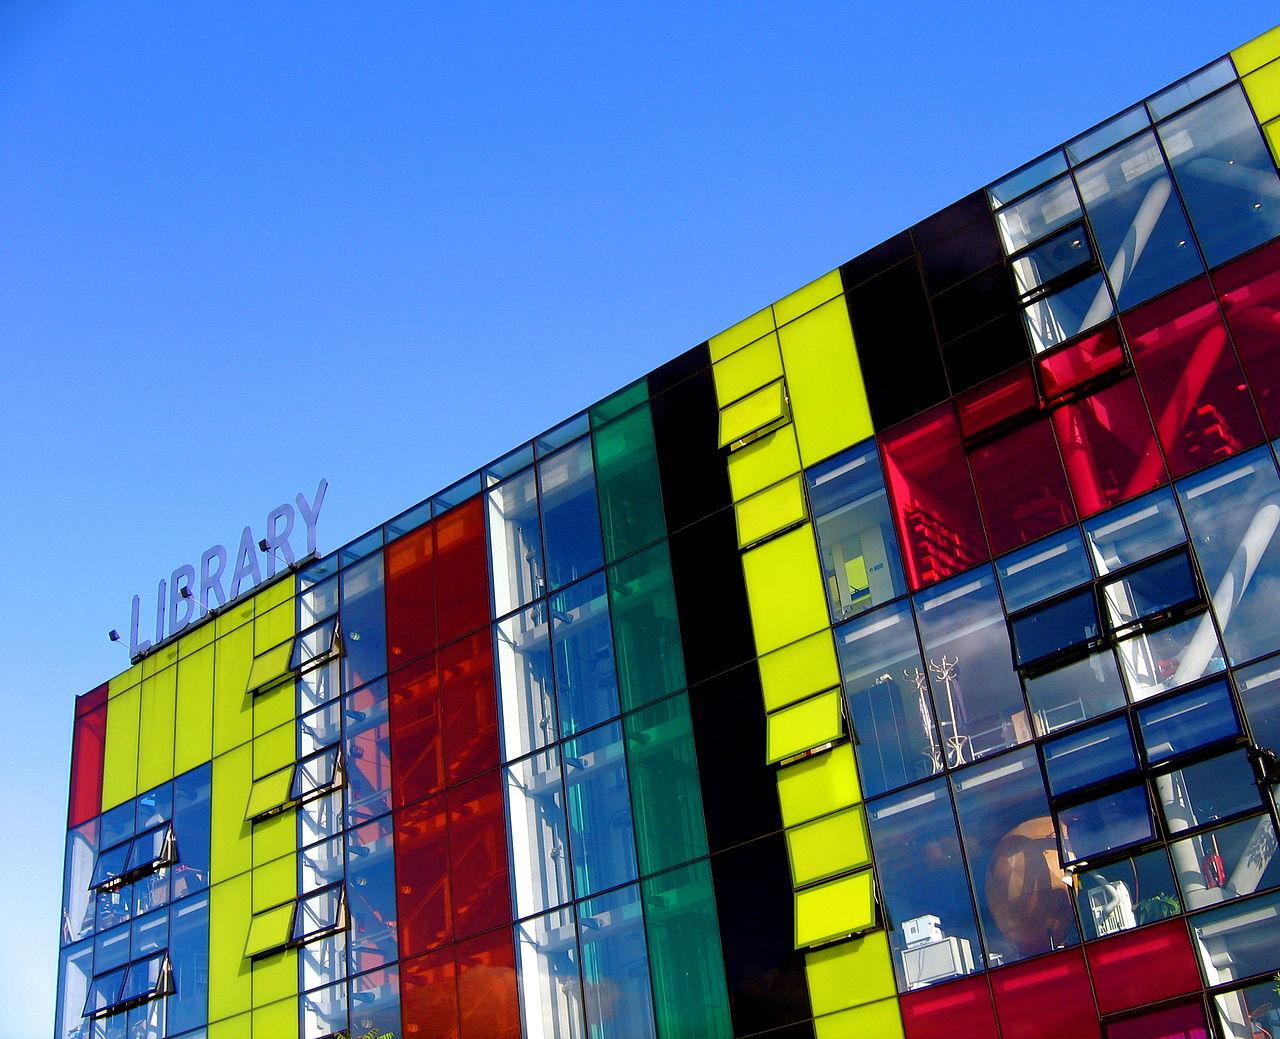 Βιβλιοθήκη Πέκαμ (Peckham Library), Λονδίνο, Ηνωμένο Bασίλειο. Άνοιξε το 2000 και από εδώ ξεκίνησε η αναβίωση των βιβλιοθηκών στη Βρετανία. Σε μια υποβαθμισμένη γειτονιά της πόλης, με όλα τα συνηθισμένα κοινωνικά προβλήματα, μια νέα βιβλιοθήκη δεν θα μπορούσε να αποτελεί κορυφαία προτεραιότητα. Το εντυπωσιακό κτίριο, όμως, ξανάβαλε το Πέκαμ στο χάρτη. Μέσα σε ένα χρόνο είχε 500.000 επισκέπτες και επίσης κέρδισε το Αρχιτεκτονικό Βραβείο Stirling.